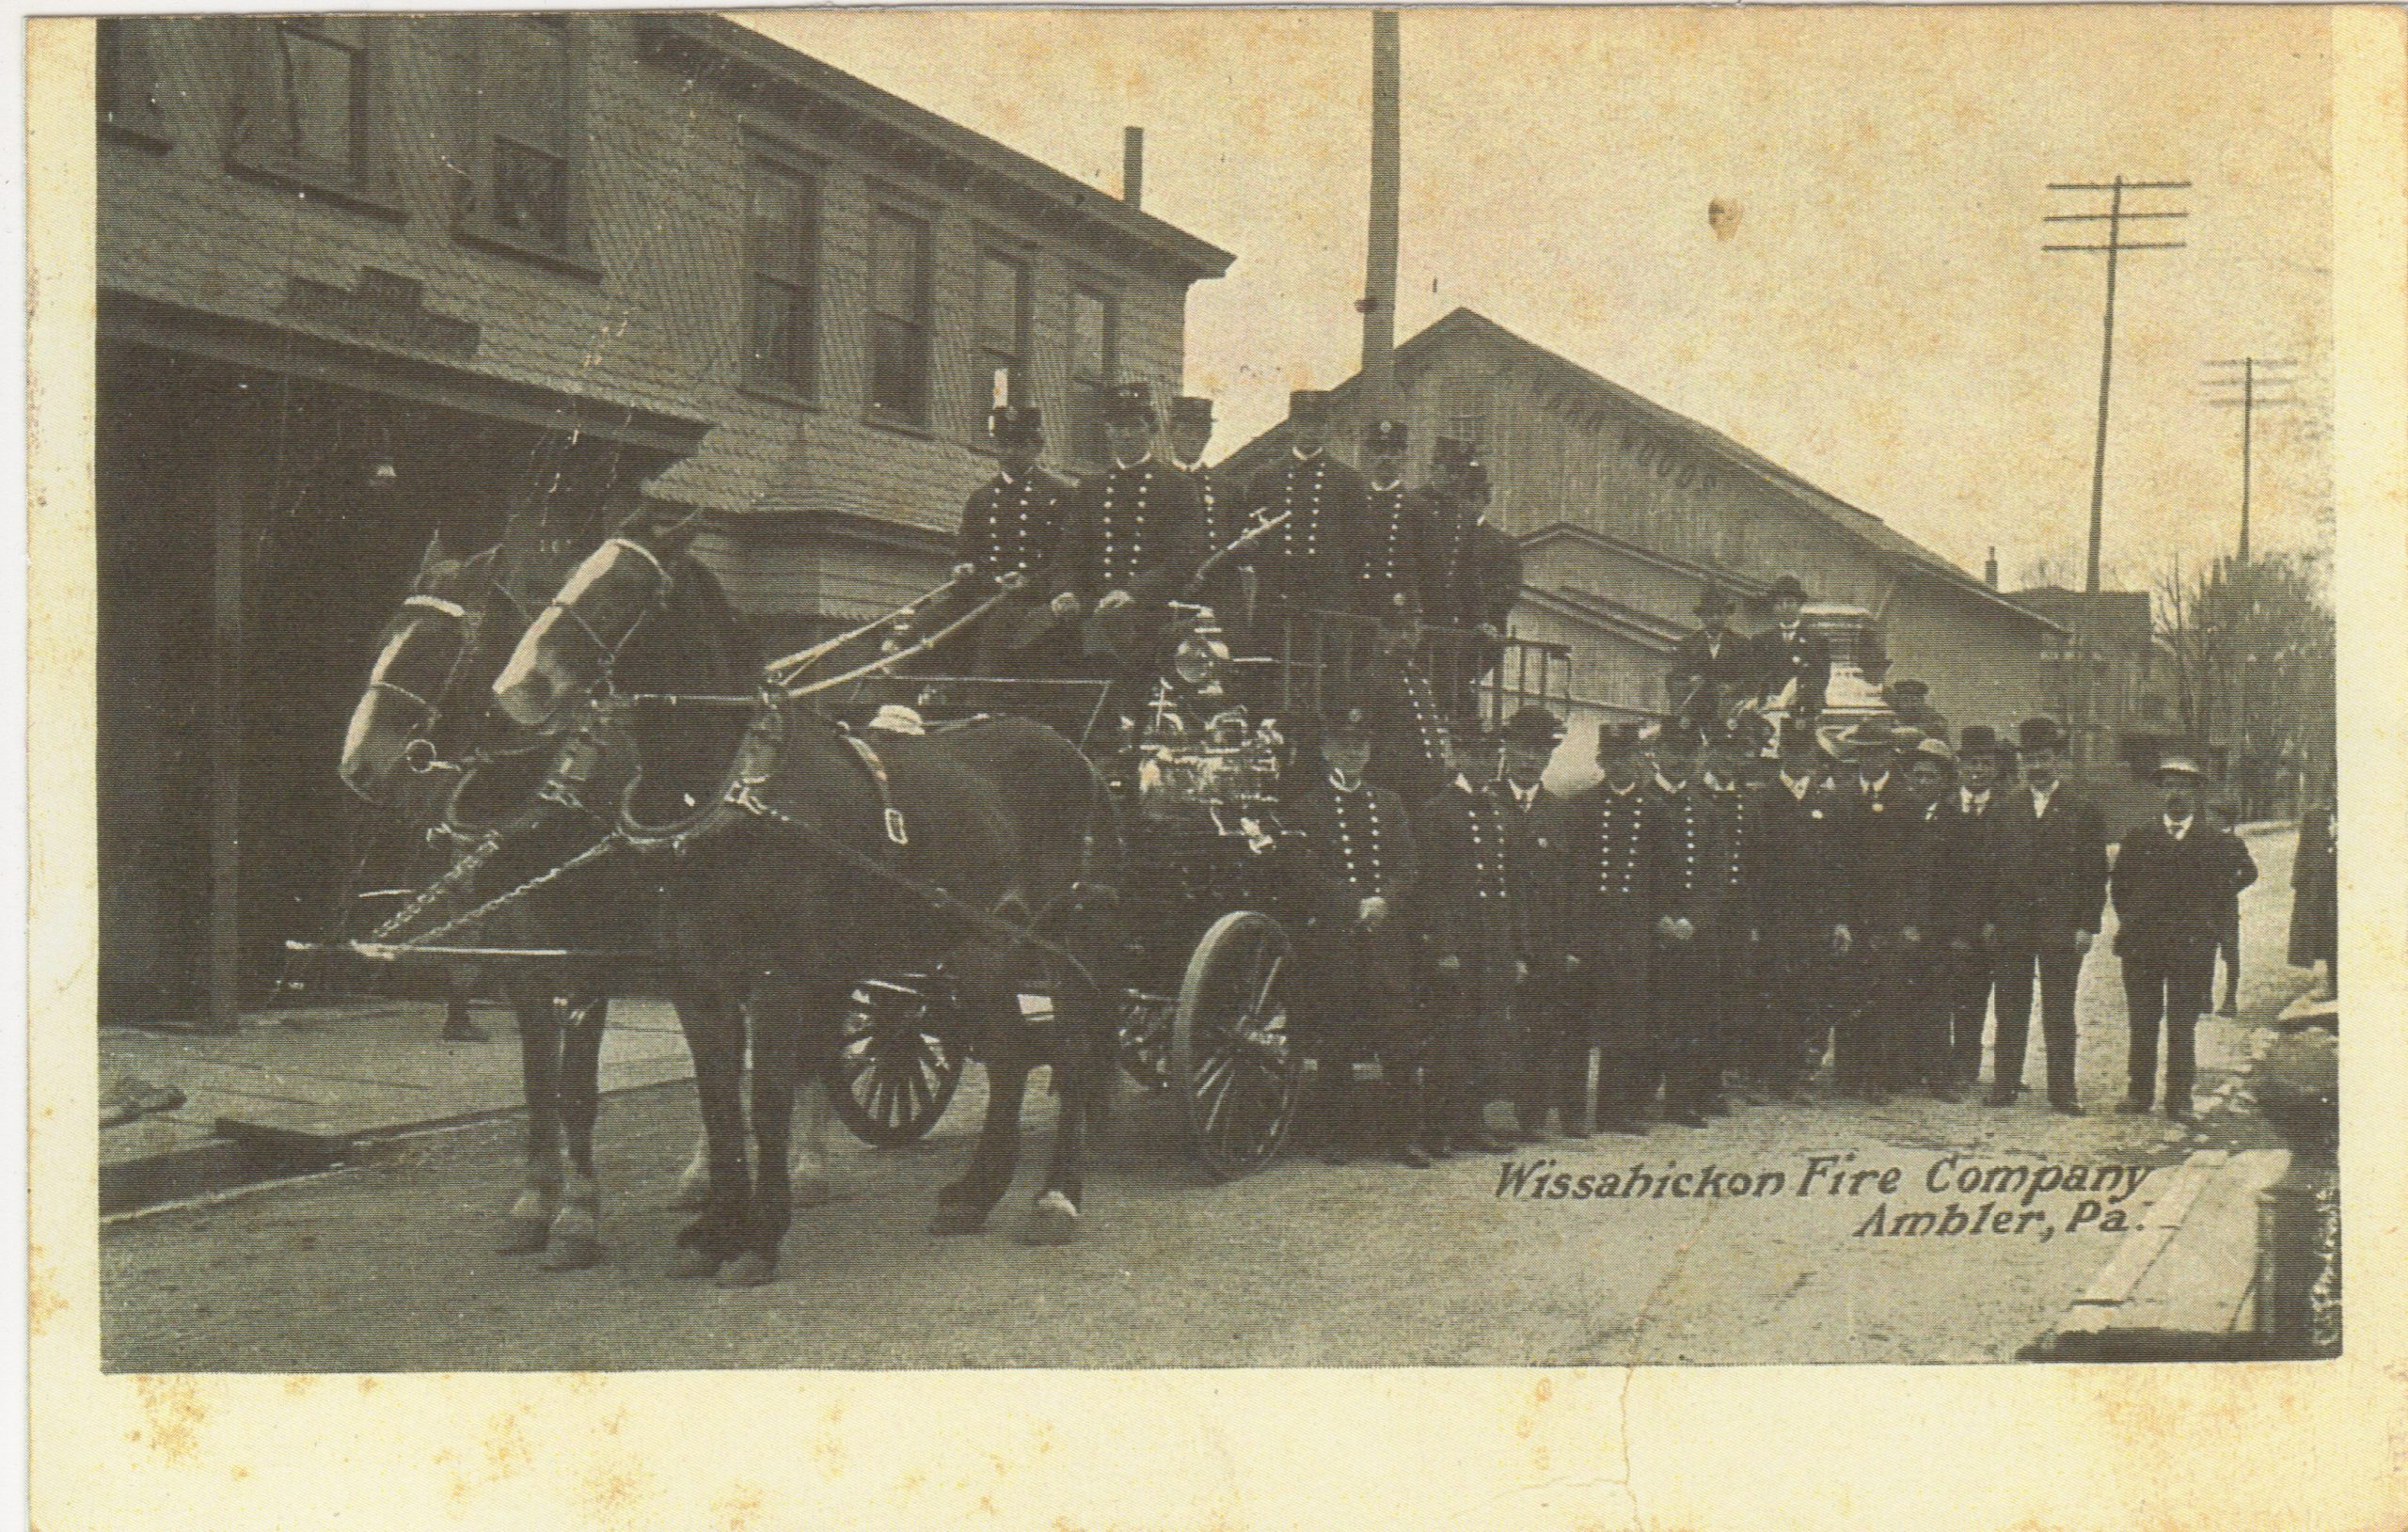 4125.27 Ambler Pa Postcard_Wissahickon Fire Company_circa 1908